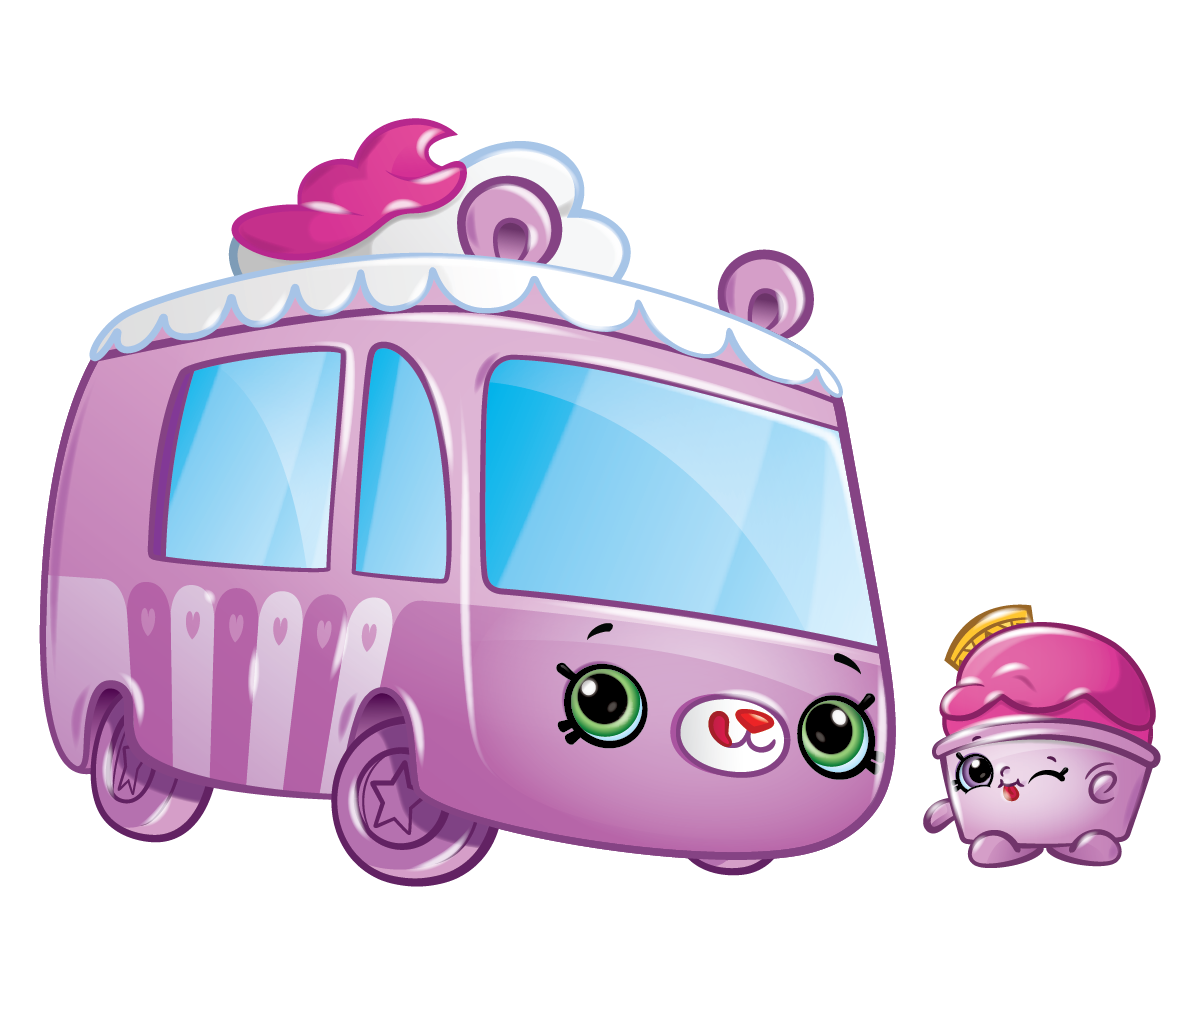 Lollipop clipart sweetie. Image m s ccs